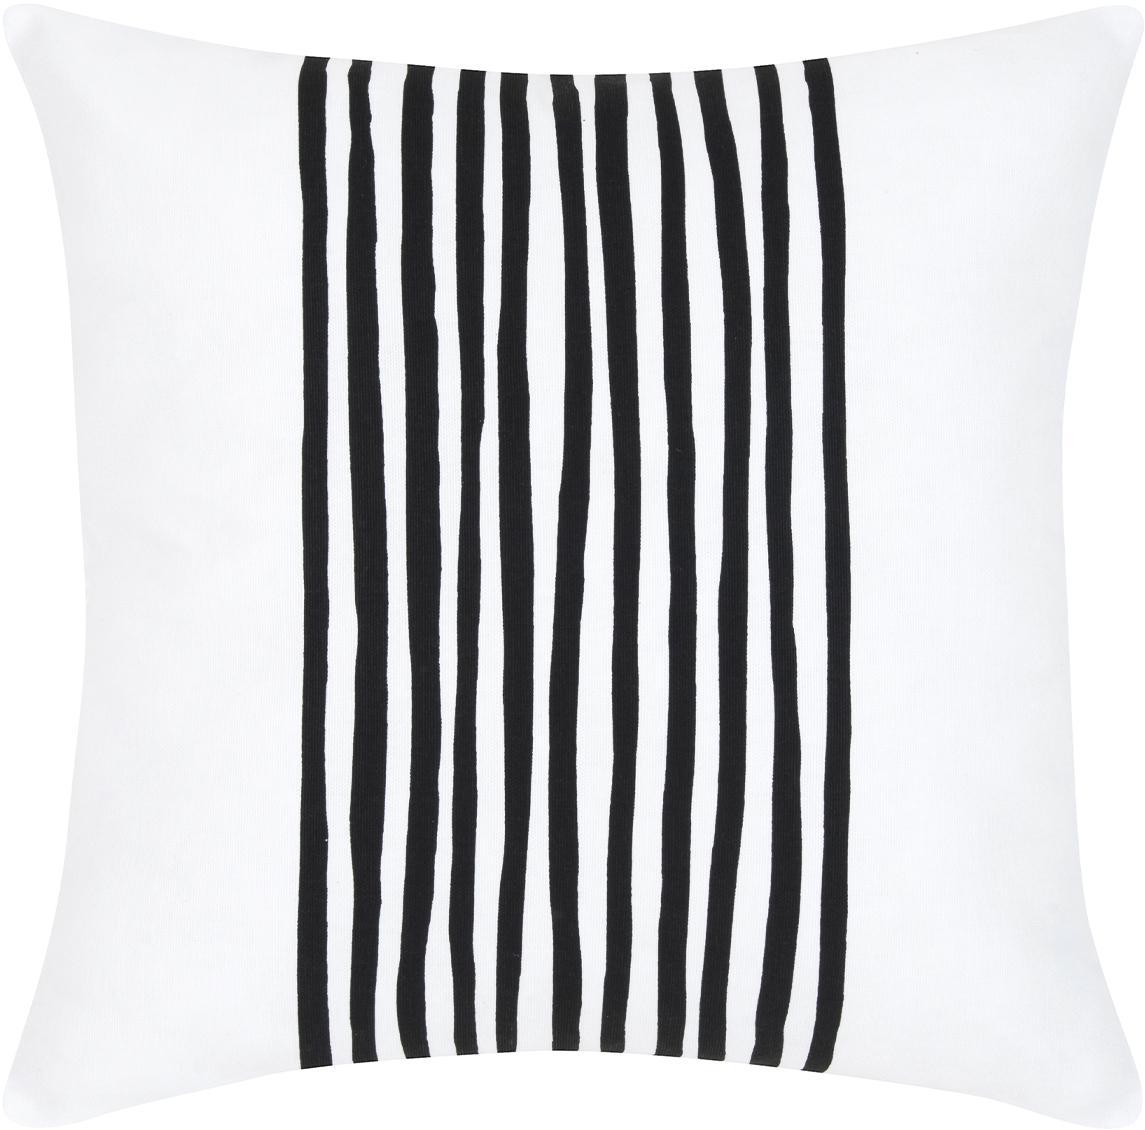 Kissenhülle Corey mit Streifen in Schwarz/Weiss, 100% Baumwolle, Schwarz, Weiss, 40 x 40 cm